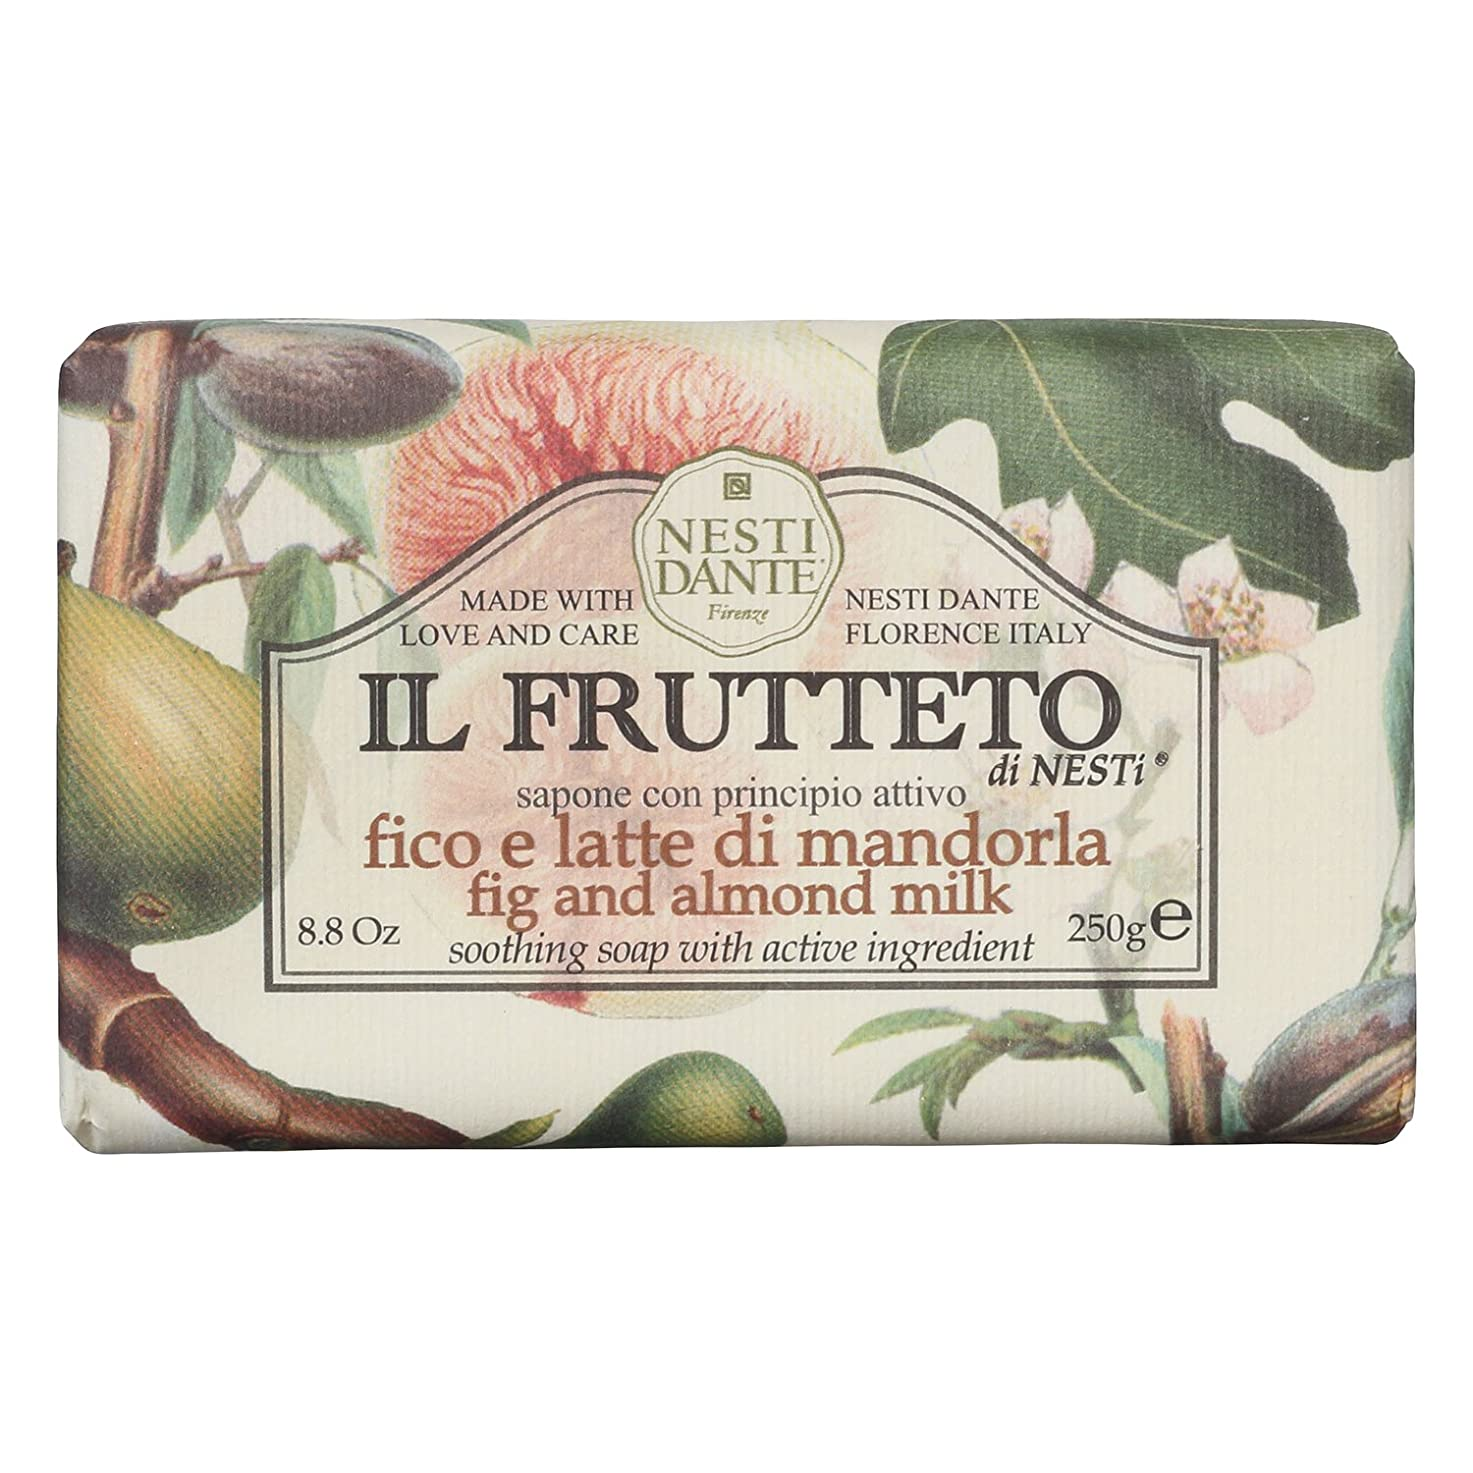 居心地の良いトランク投票ネスティダンテ (Nesti Dante) フルッテートソープ フィグ&アーモンドミルク 250g